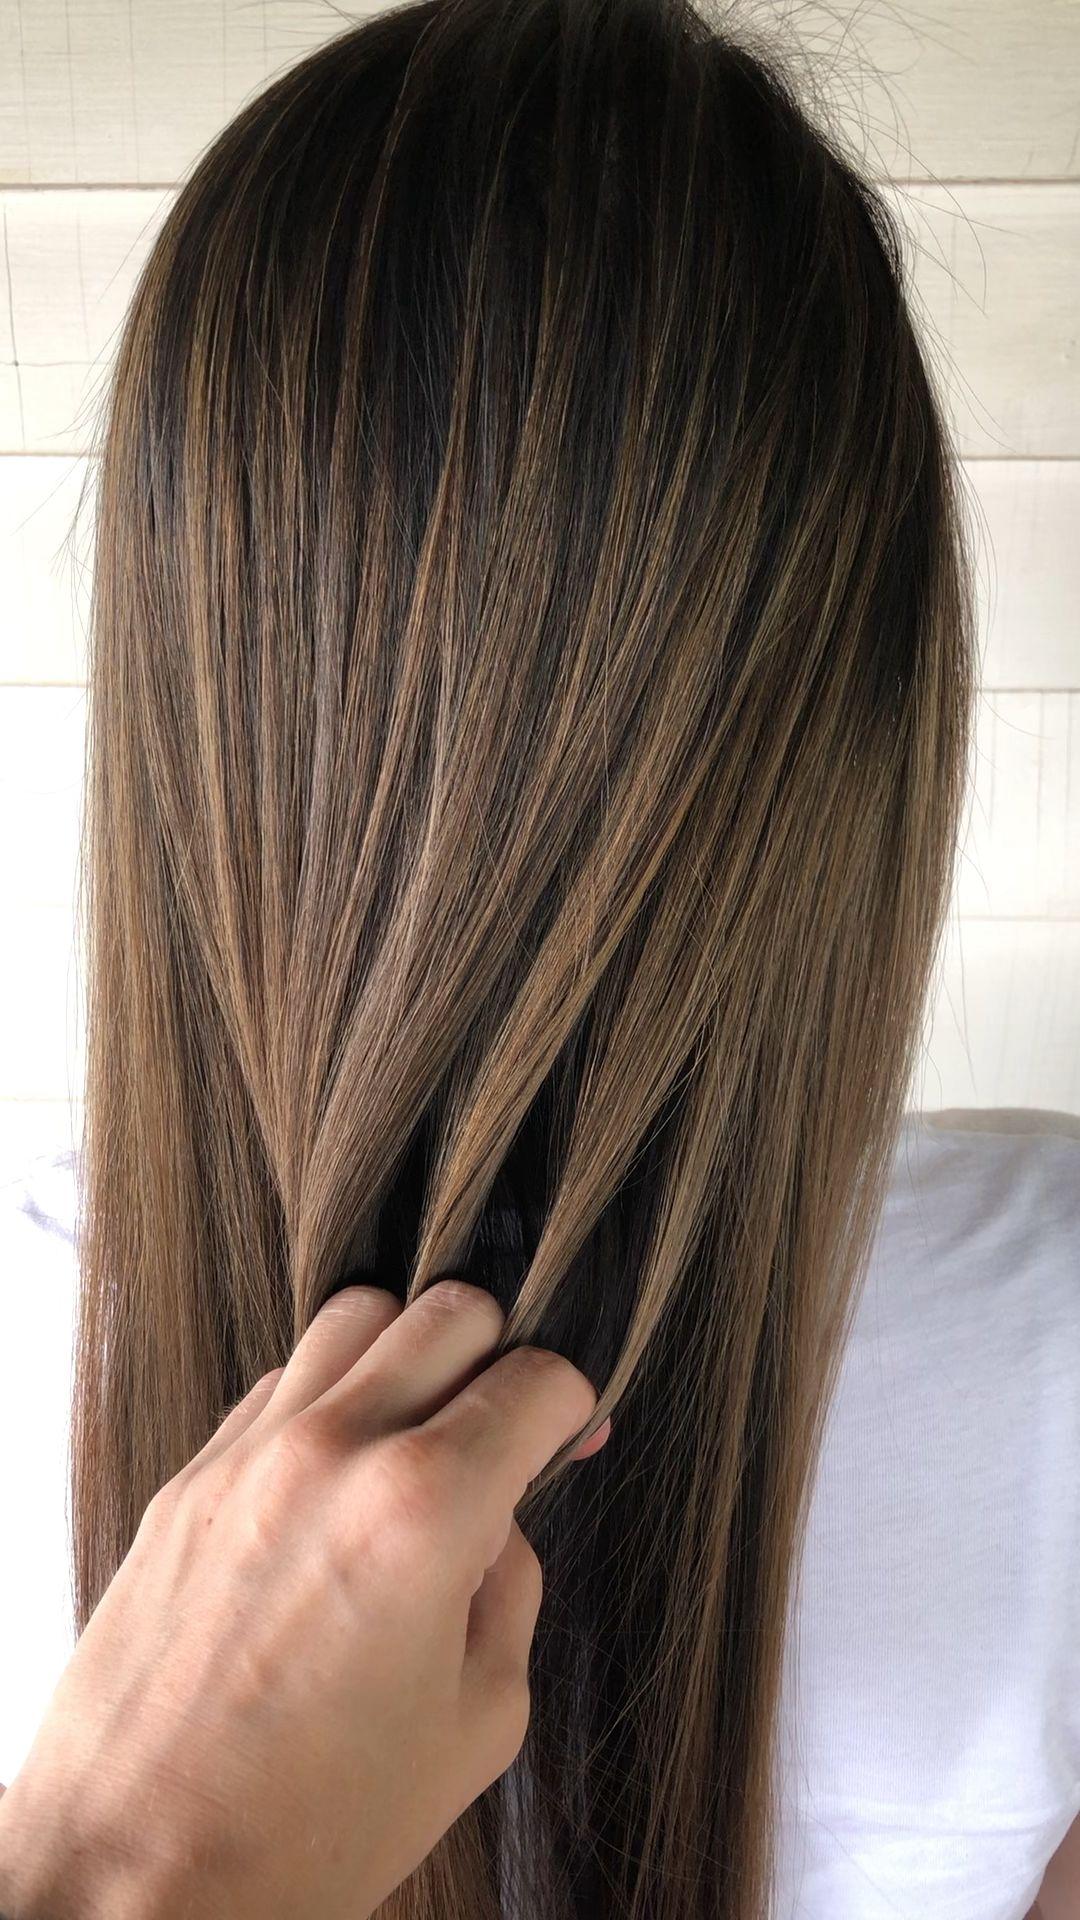 Photo of Natural ash blonde balayage on dark brown hair